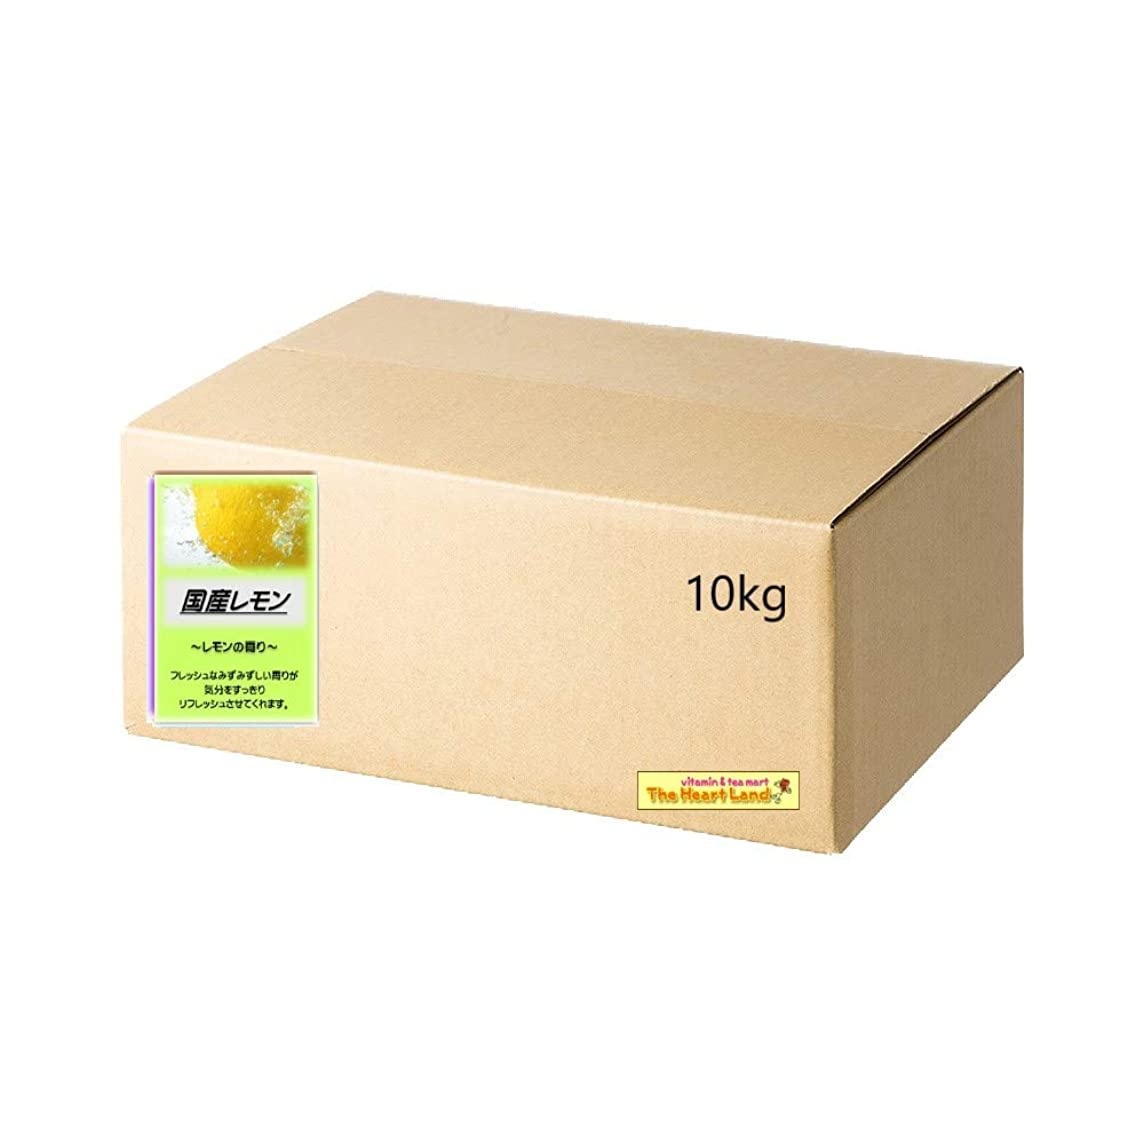 喜ぶ補助金ファブリックアサヒ入浴剤 浴用入浴化粧品 国産レモン 10kg